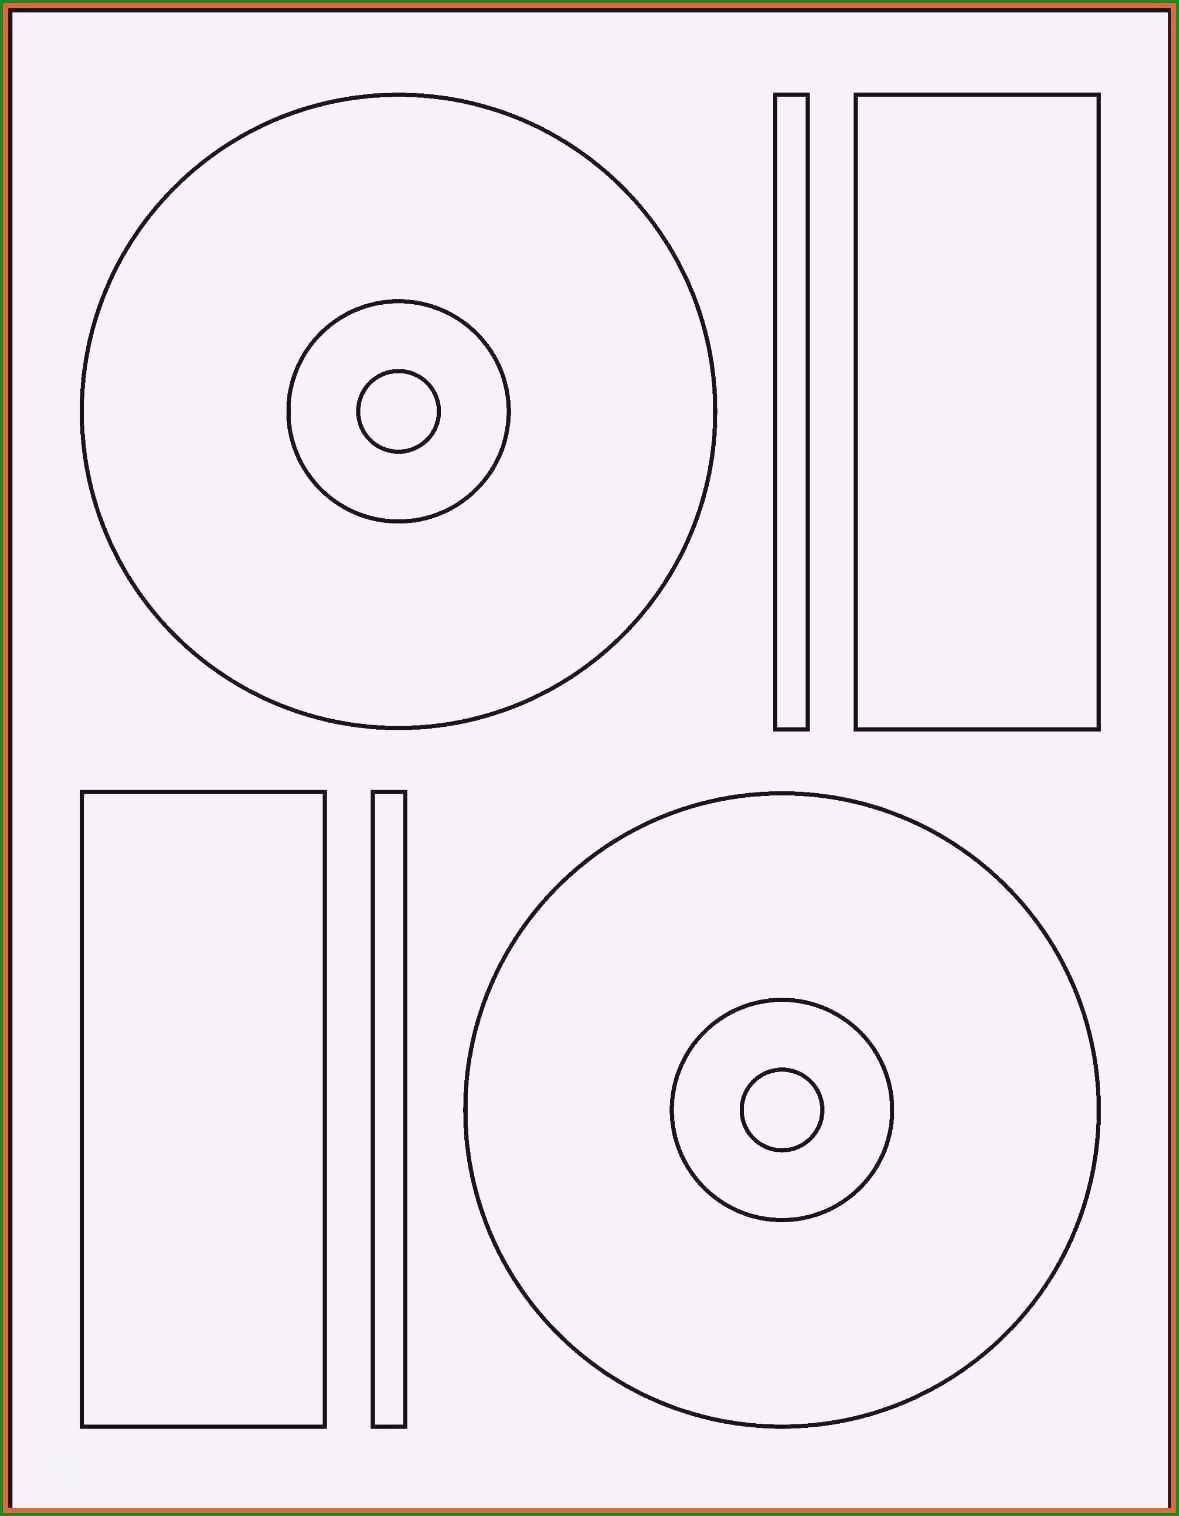 cd etiketten vorlage word in creative cd etiketten vorlage word design cd label template full